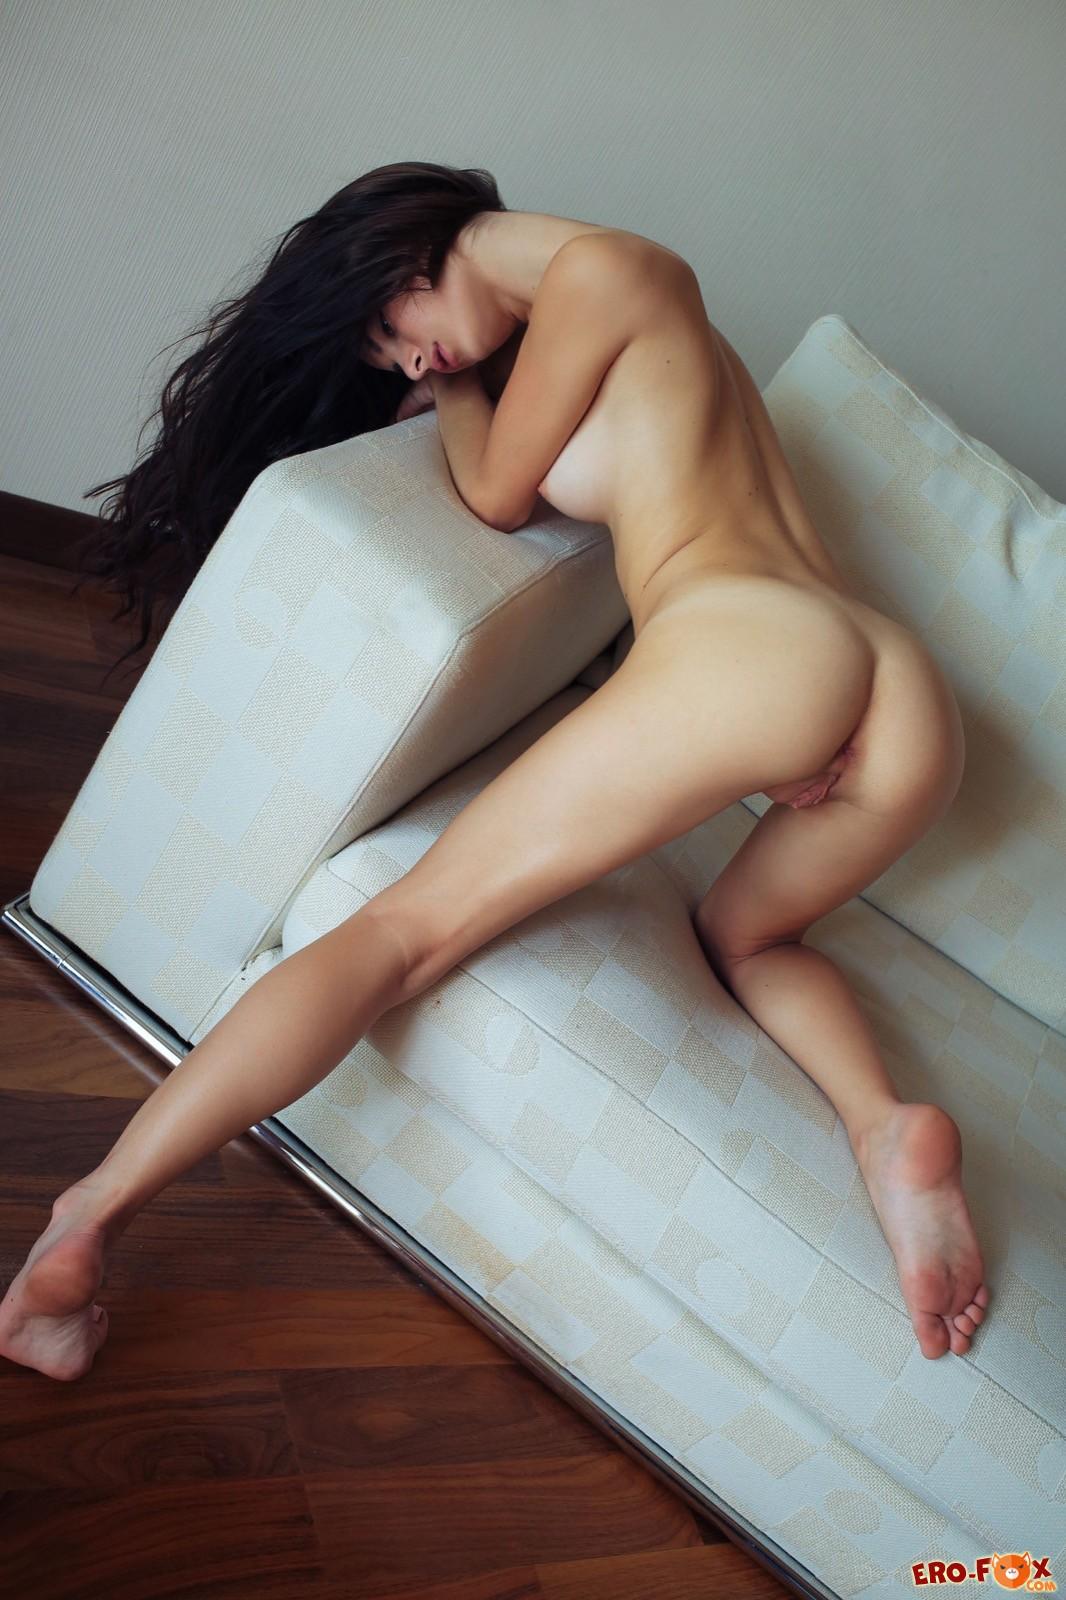 Брюнетка скинула платье и трогает упругую грудь